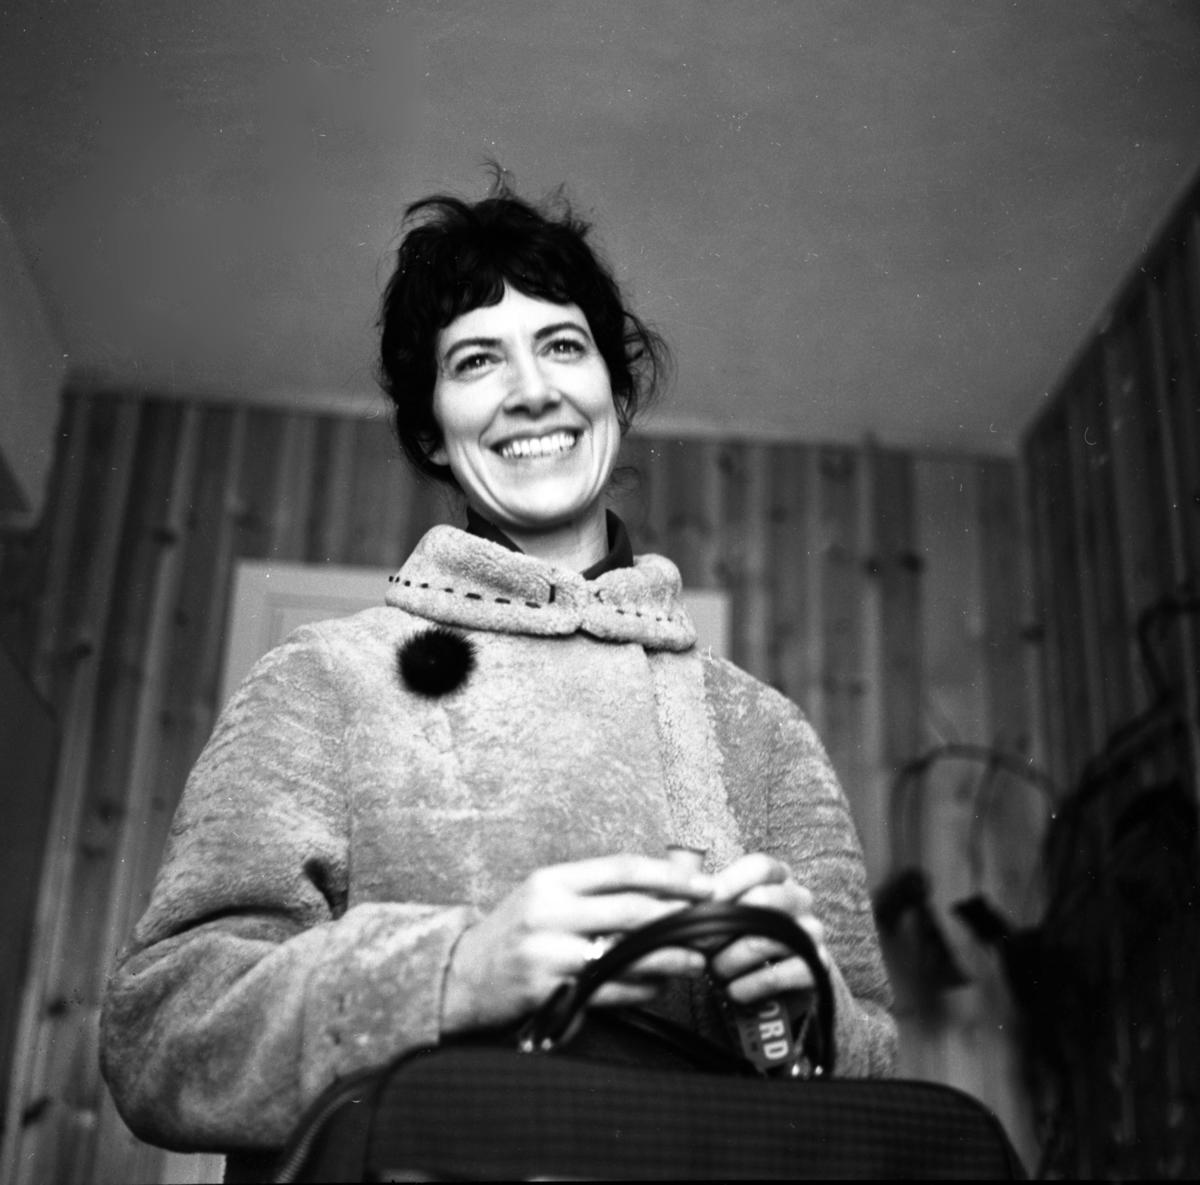 Rise Grønoset, forografert i 1967 (Foto/Photo)